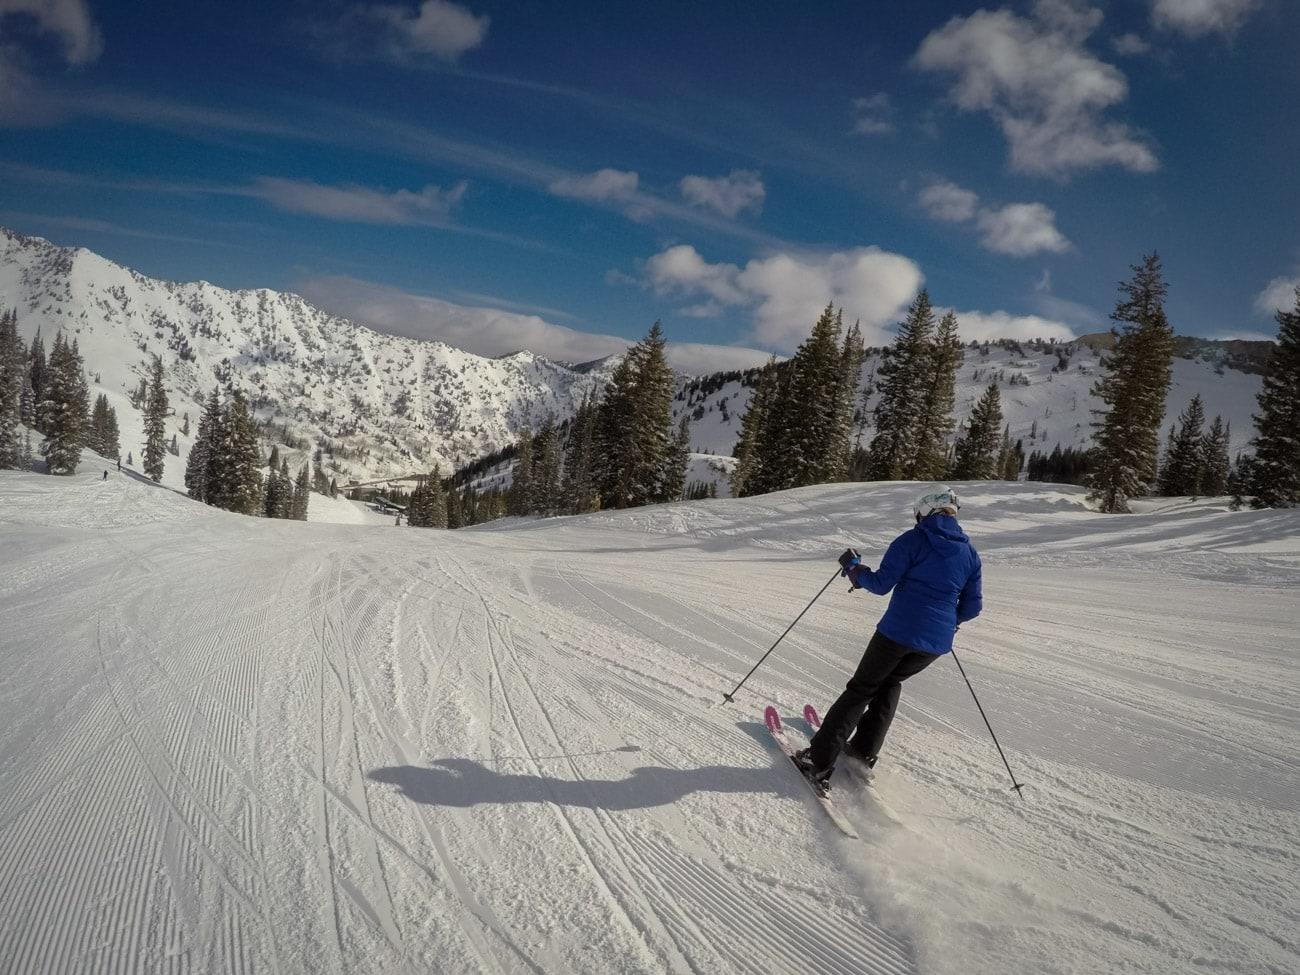 Skiing near the Collins Lift at Alta Ski Resort in Utah